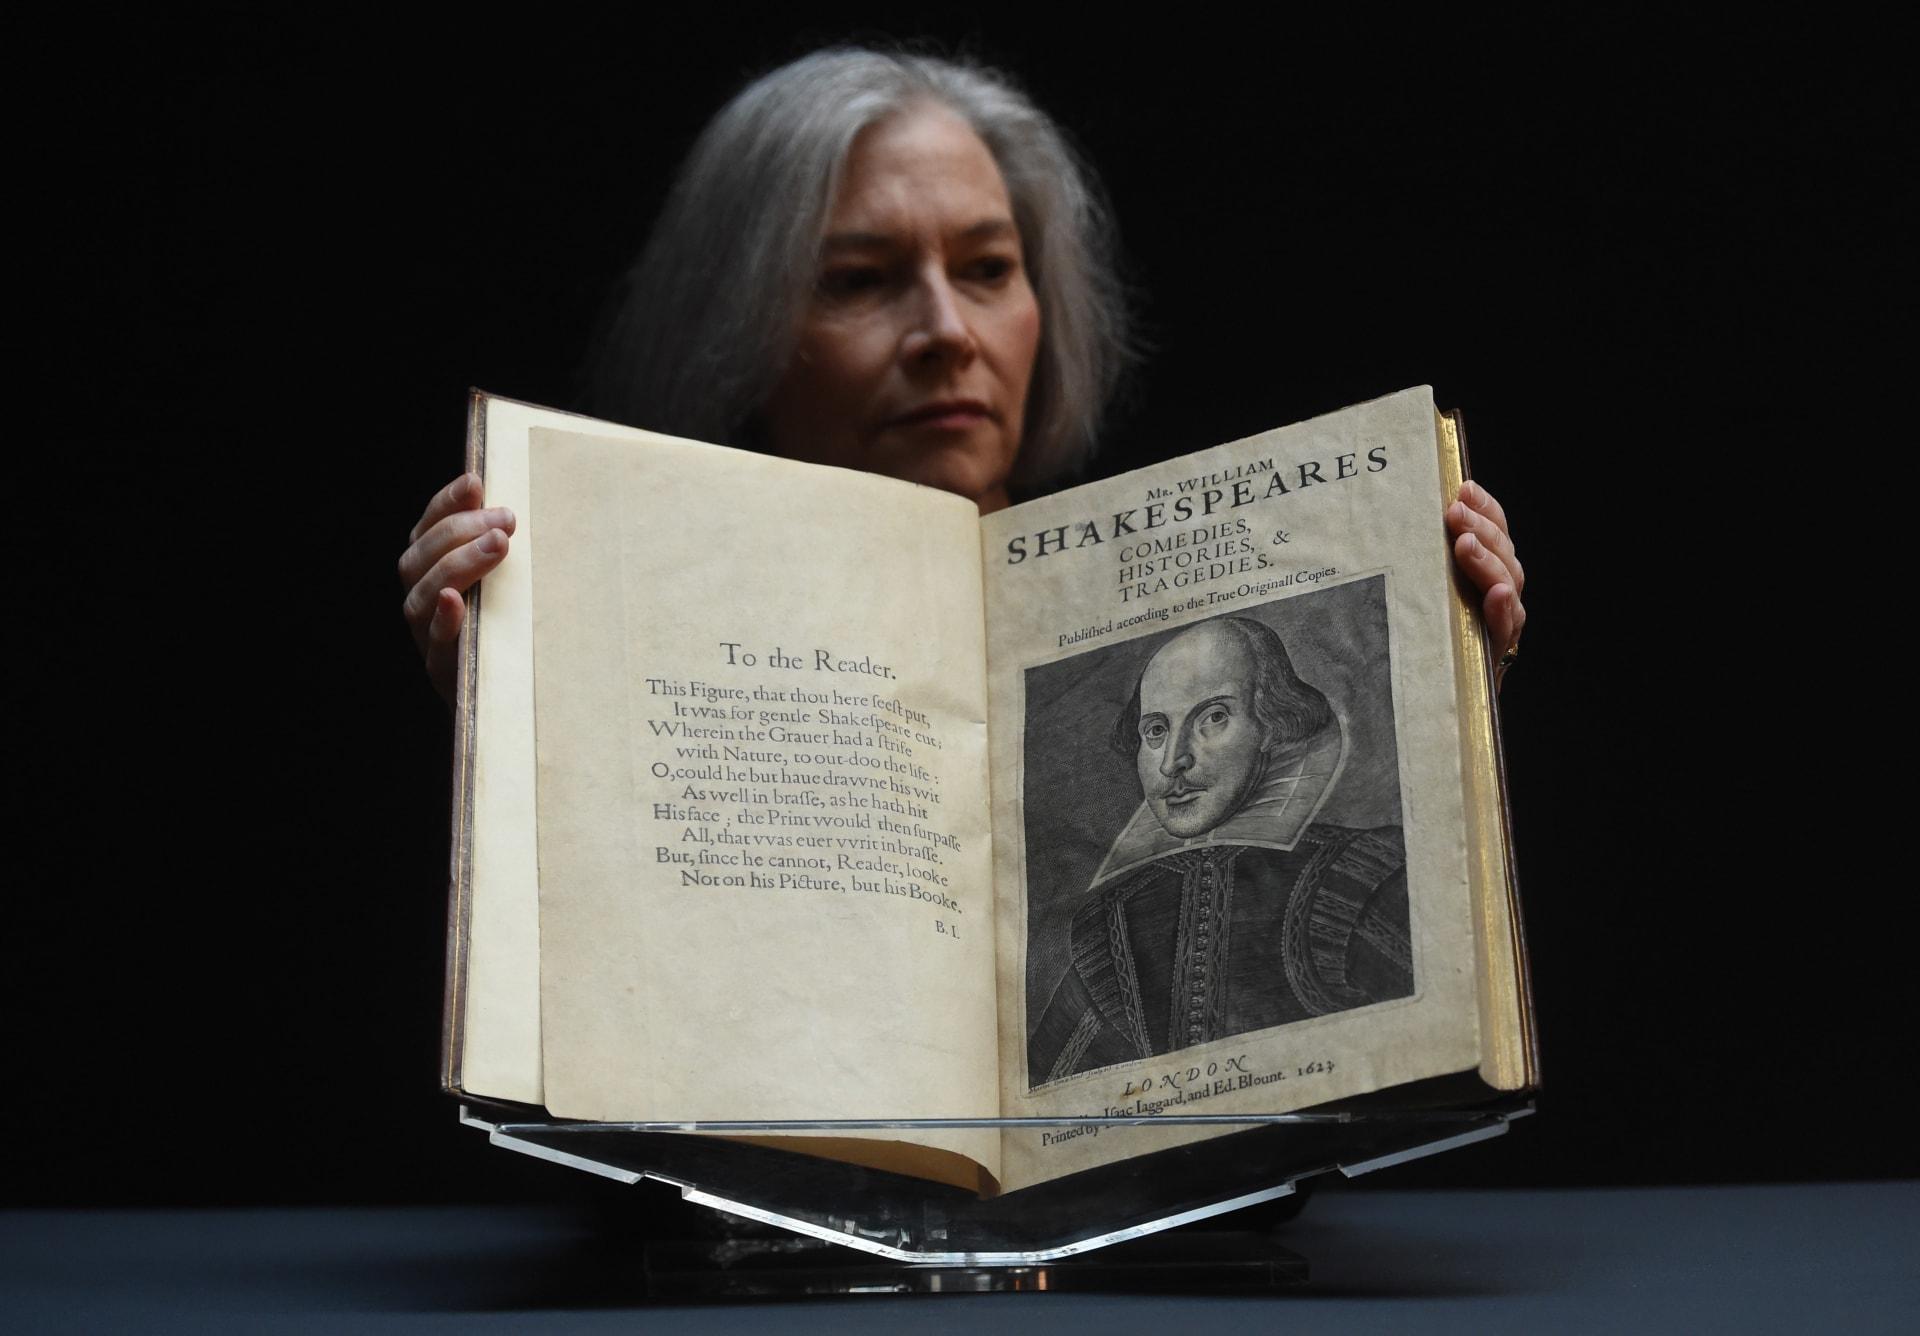 أغلى عمل أدبي في المزاد ونسخة نادرة لشكسبير تباع بملايين الدولارات